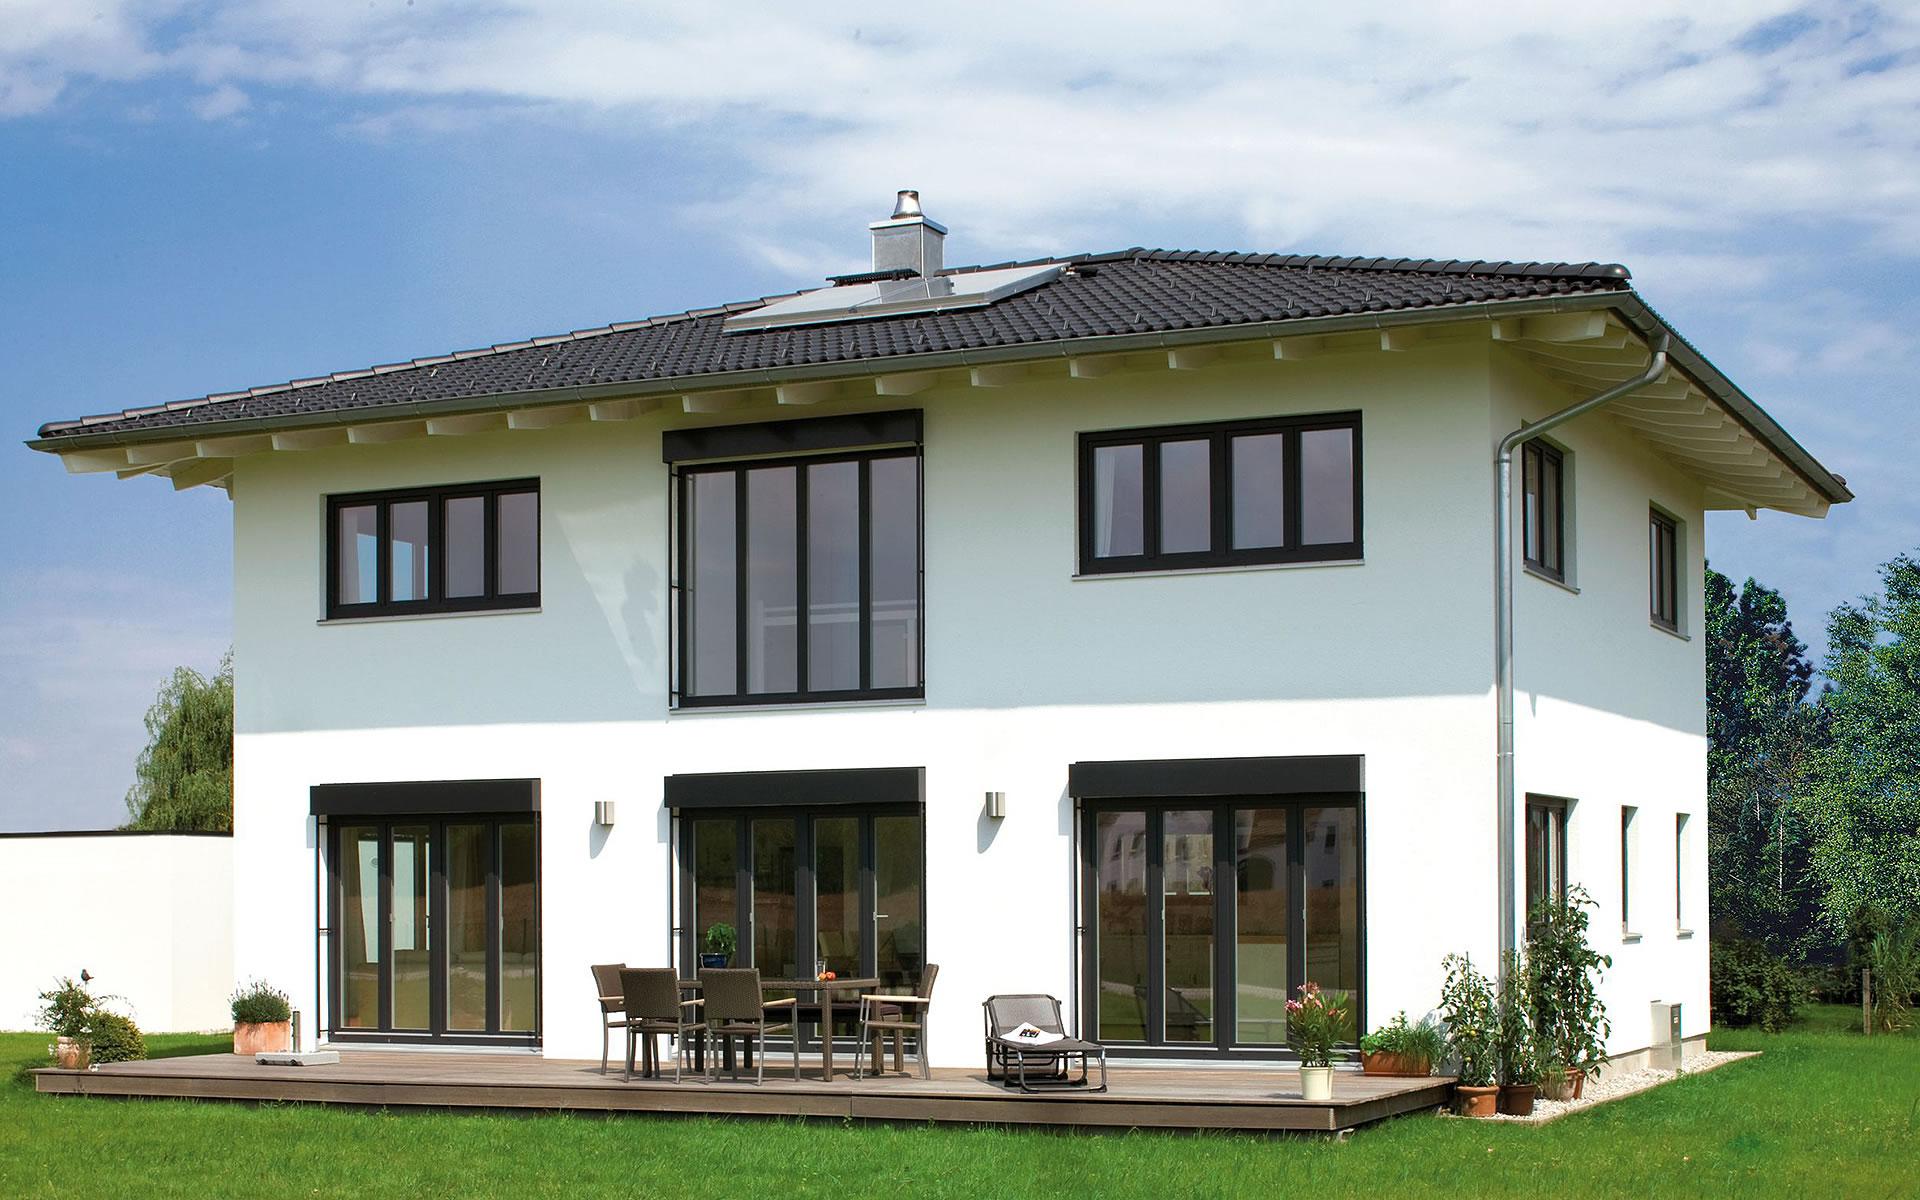 Hochburg von Regnauer Hausbau GmbH & Co. KG